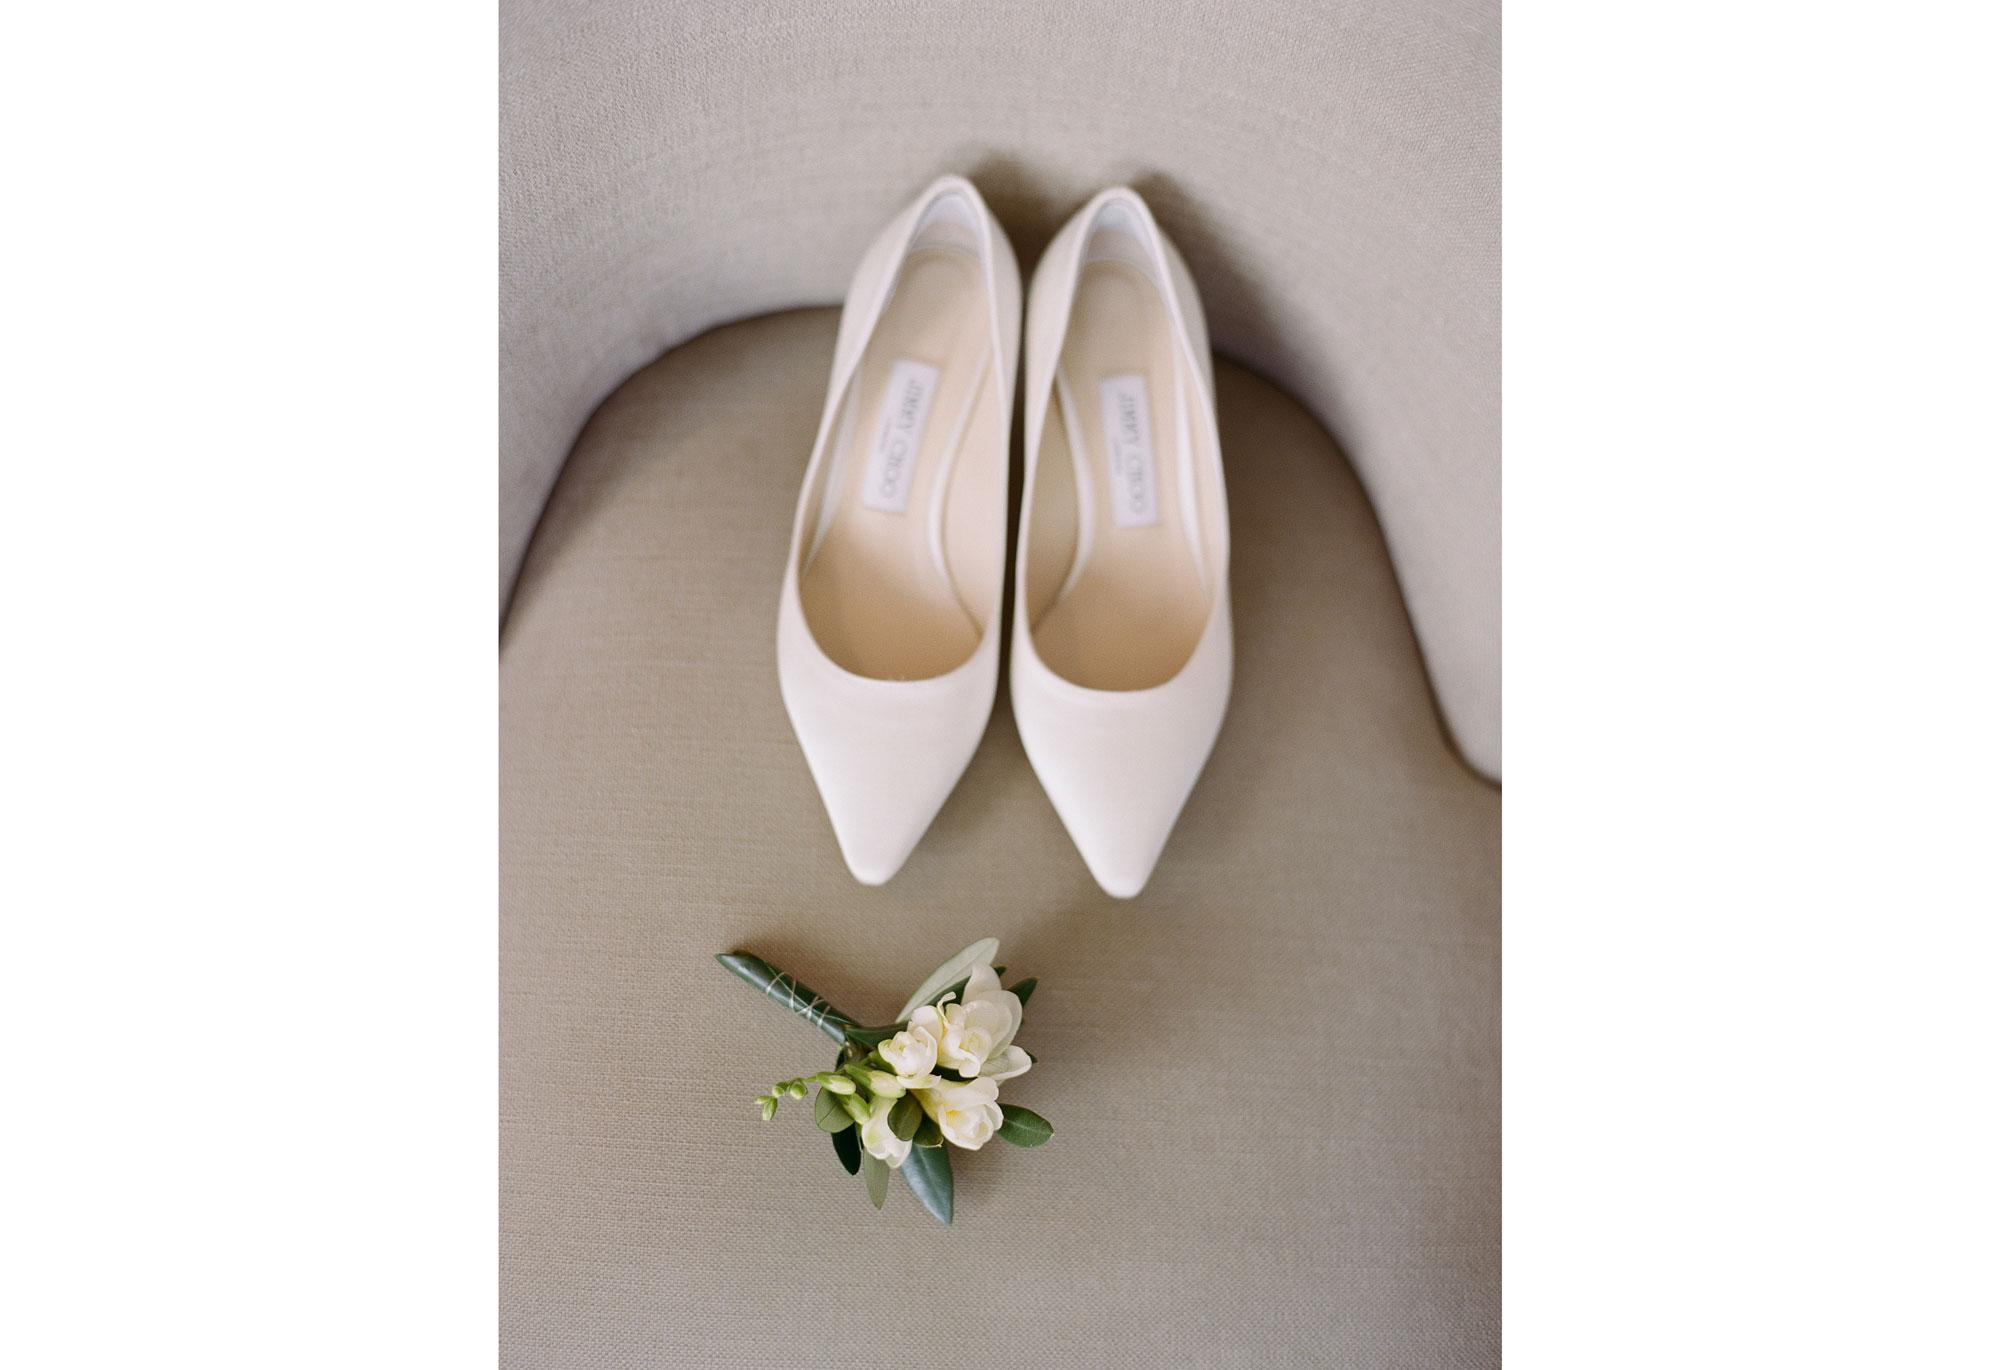 karin_tom_Gstaad_wedding-64.jpg